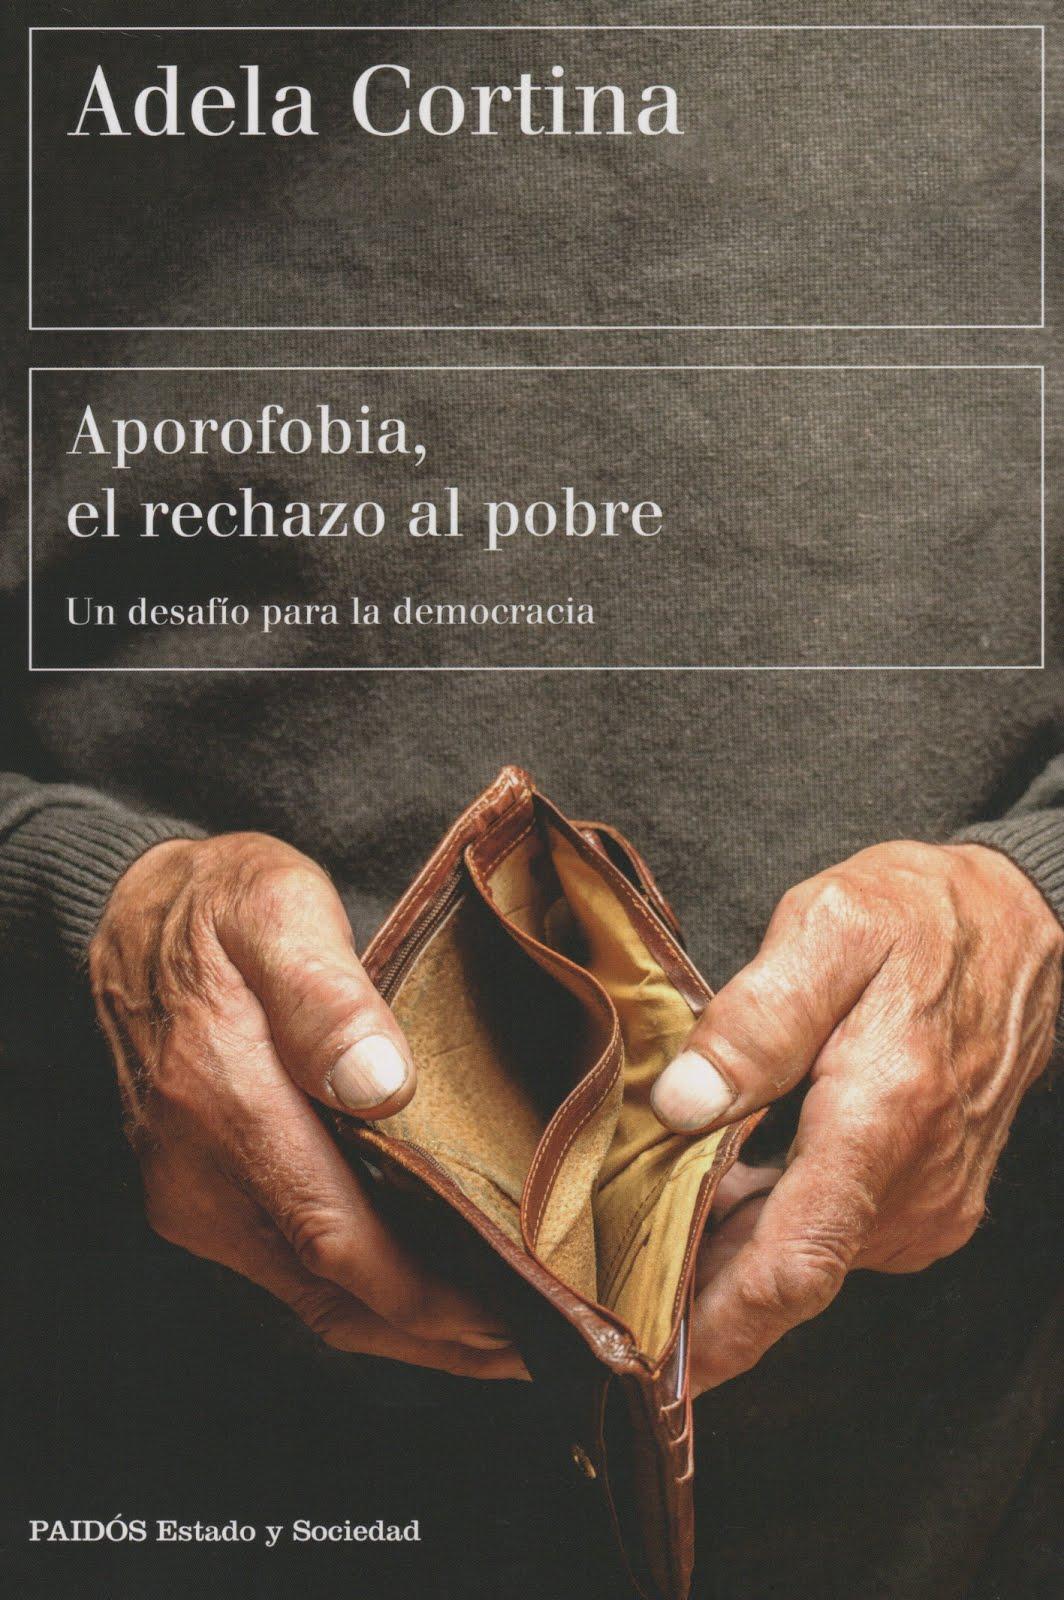 Adela Cortina (Aporofobia, el rechazo al pobre) Un desafío para la democracia